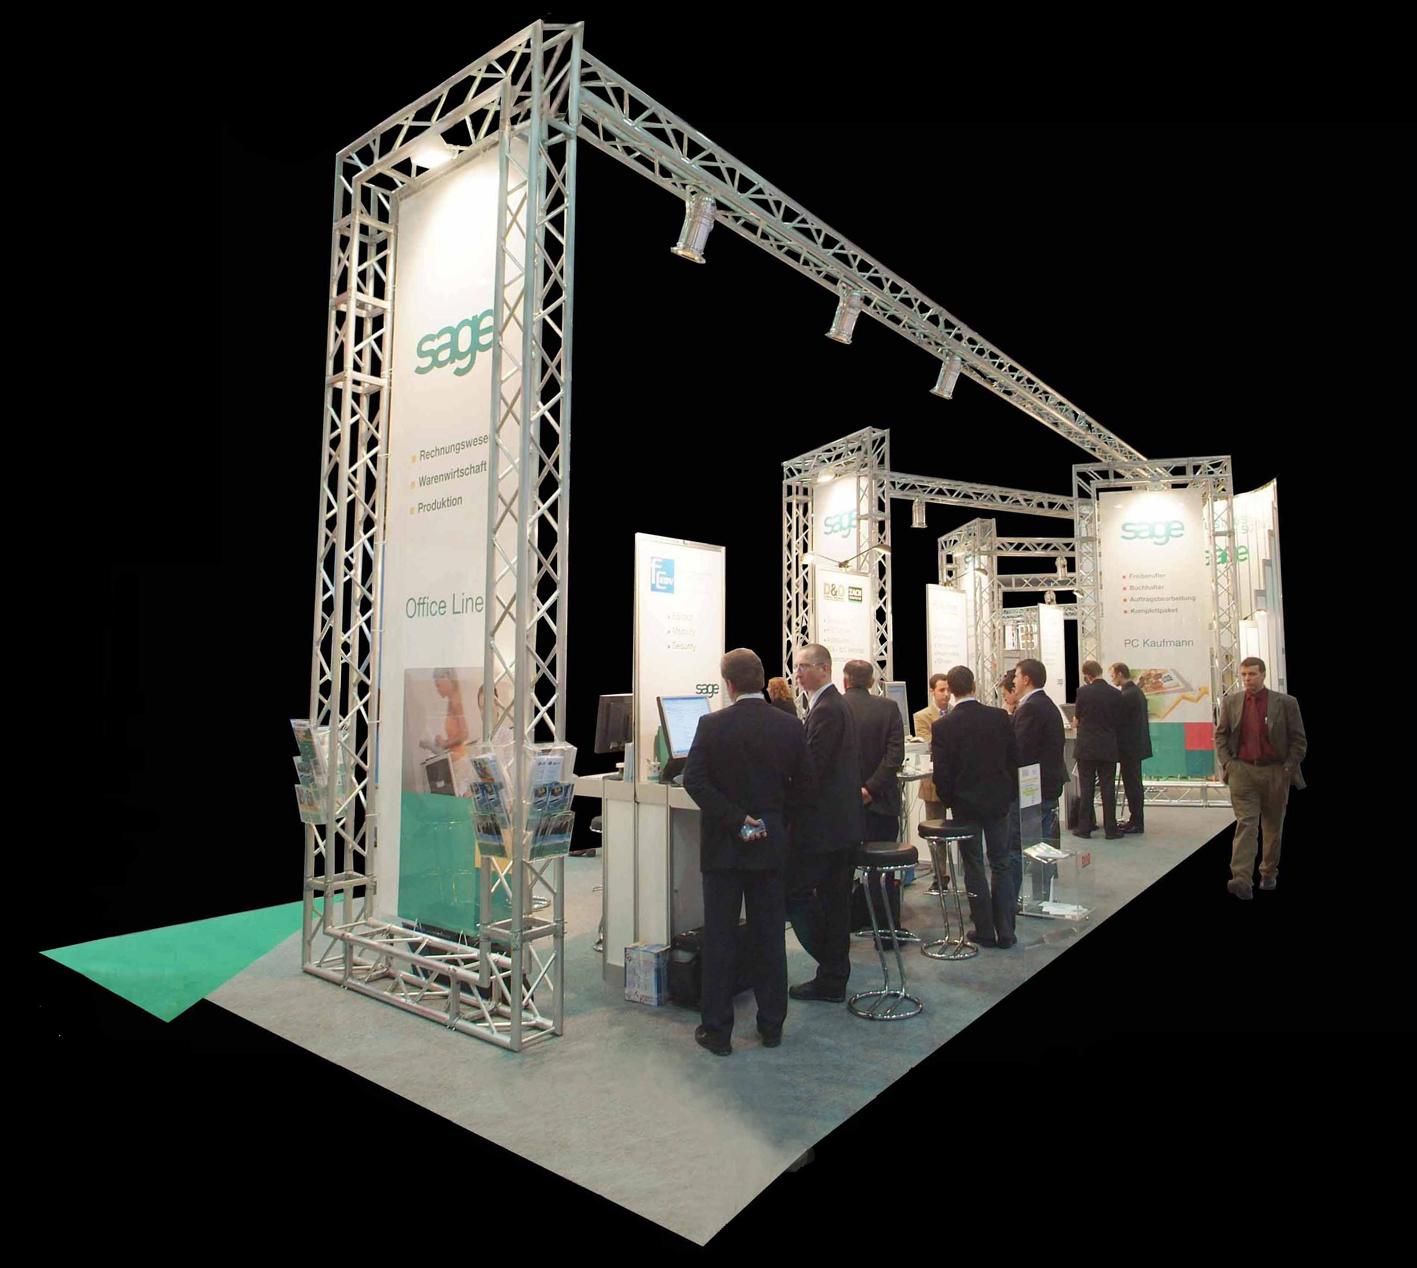 05 Kopfstand Informatikmesse, Stehpulte mit PC Arbeitsplätzen, akustische und optische Trennung mit Transparenten